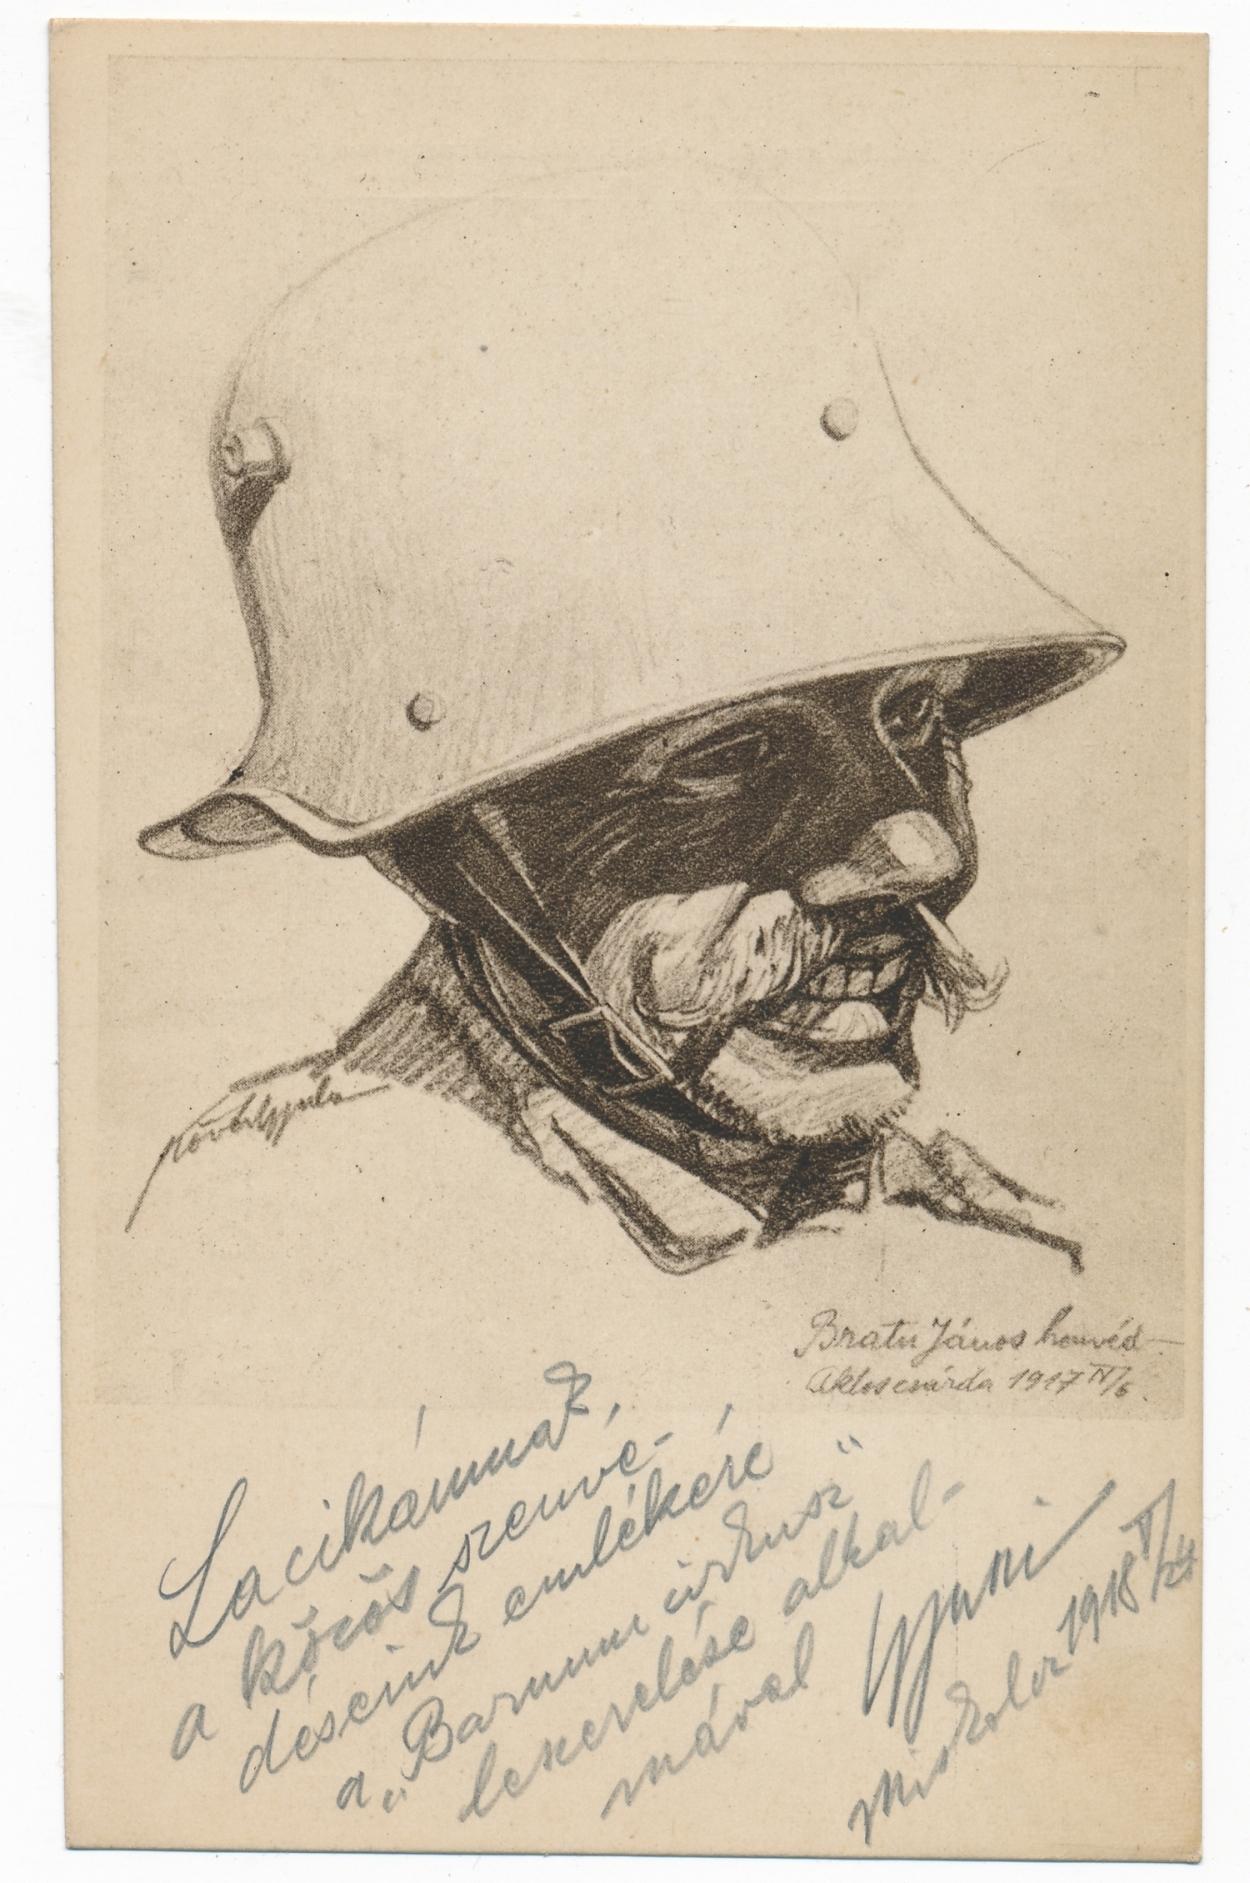 """""""Tanulmányfej, 1917. április 6."""" Forrás: Béky Zoltán gyűjteménye. Érdemes megfigyelni a fordítva viselt acélsisakot, ugyanis a katonákat a fejvédő sokszor zavarta a """"rendeltetésszerű"""" használat során."""